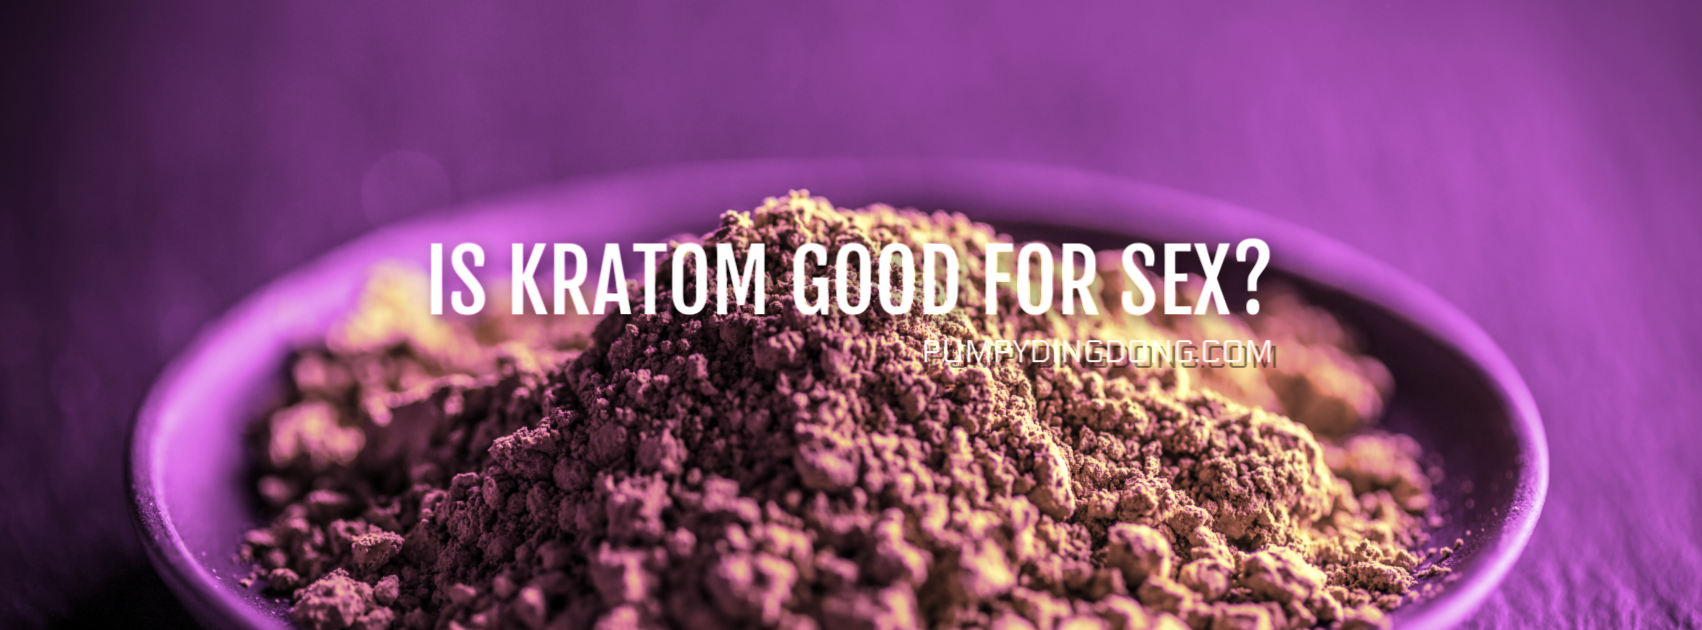 is kratom good for sex